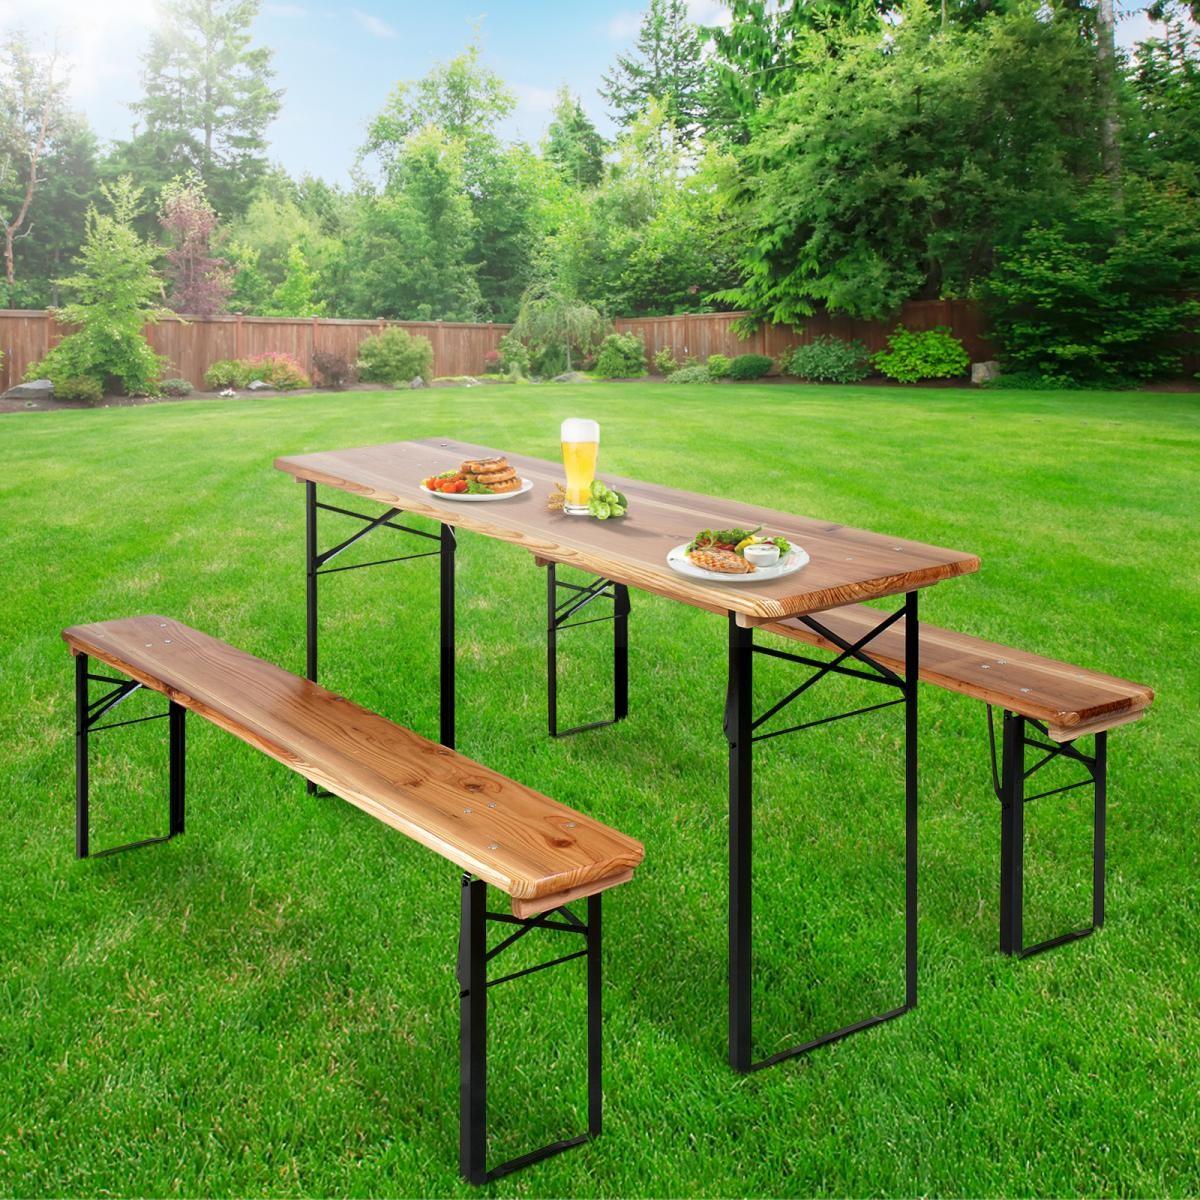 Set birreria in 3 pezzi cm tavolo e panche pieghevole legno giardino ebay - Tavolo e panche da giardino ...